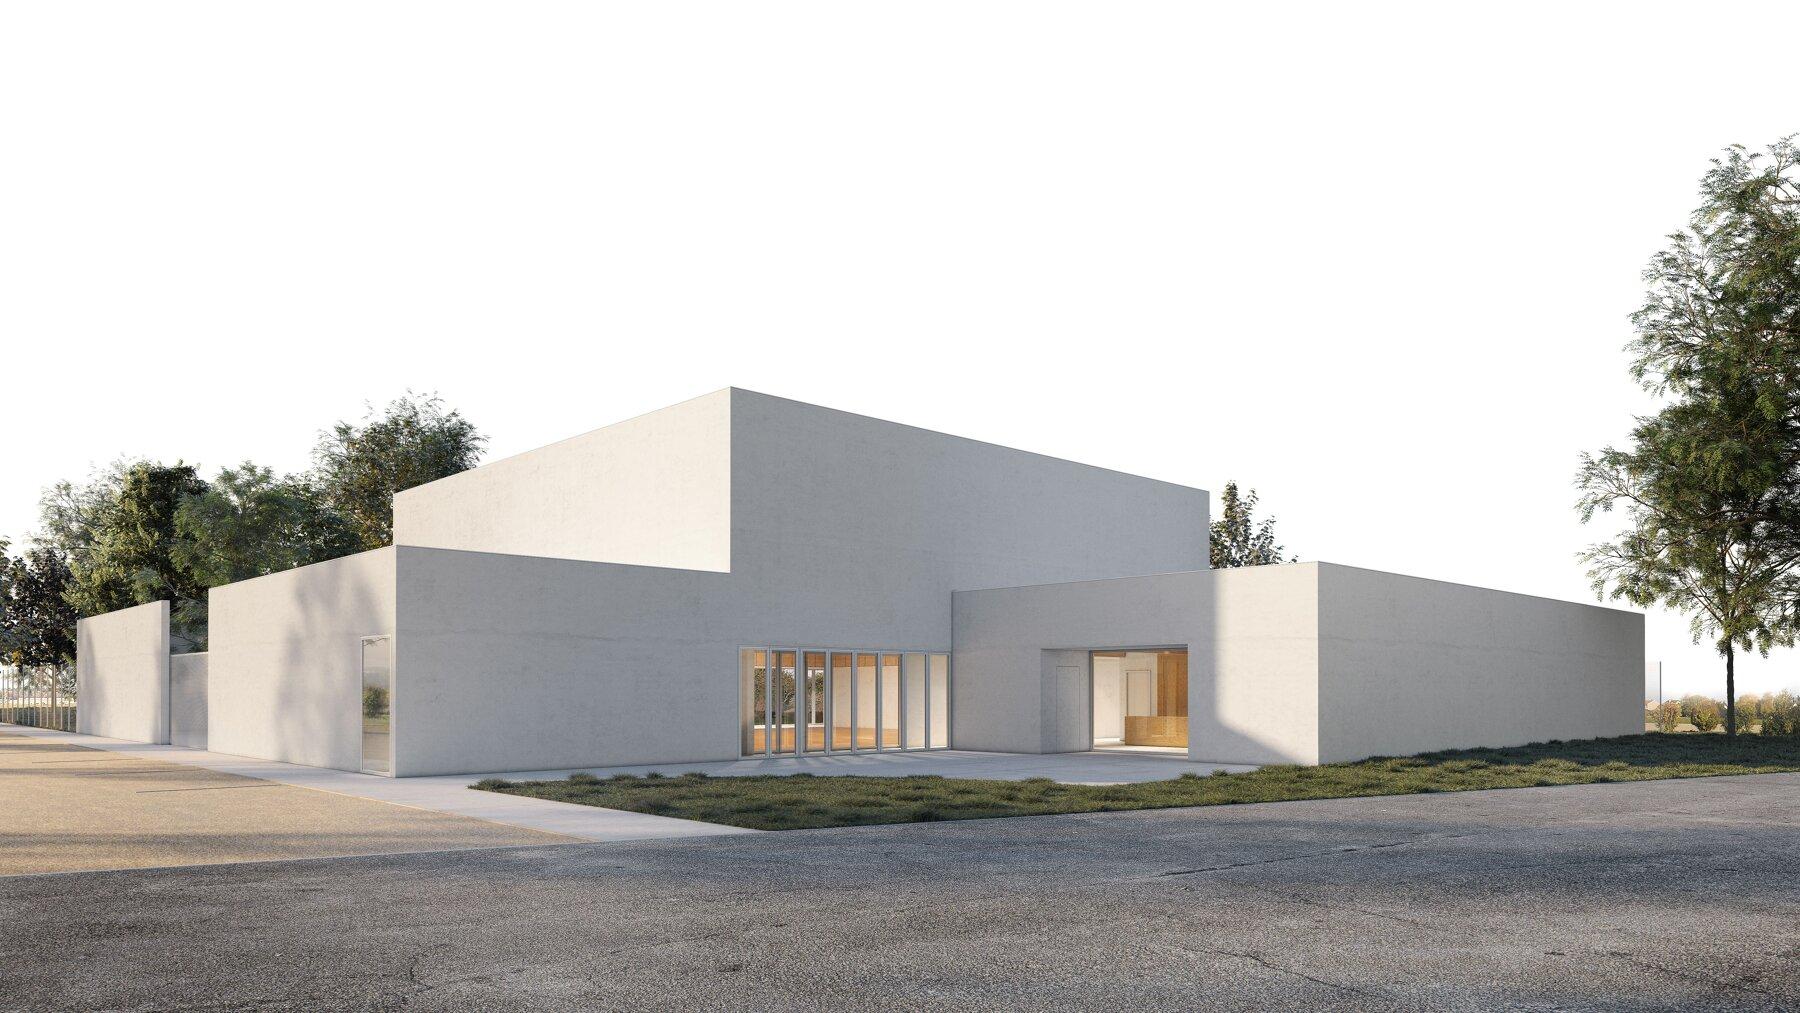 MOURMELON - Construction d'un centre socio-culturel, Mourmelon (51), concours